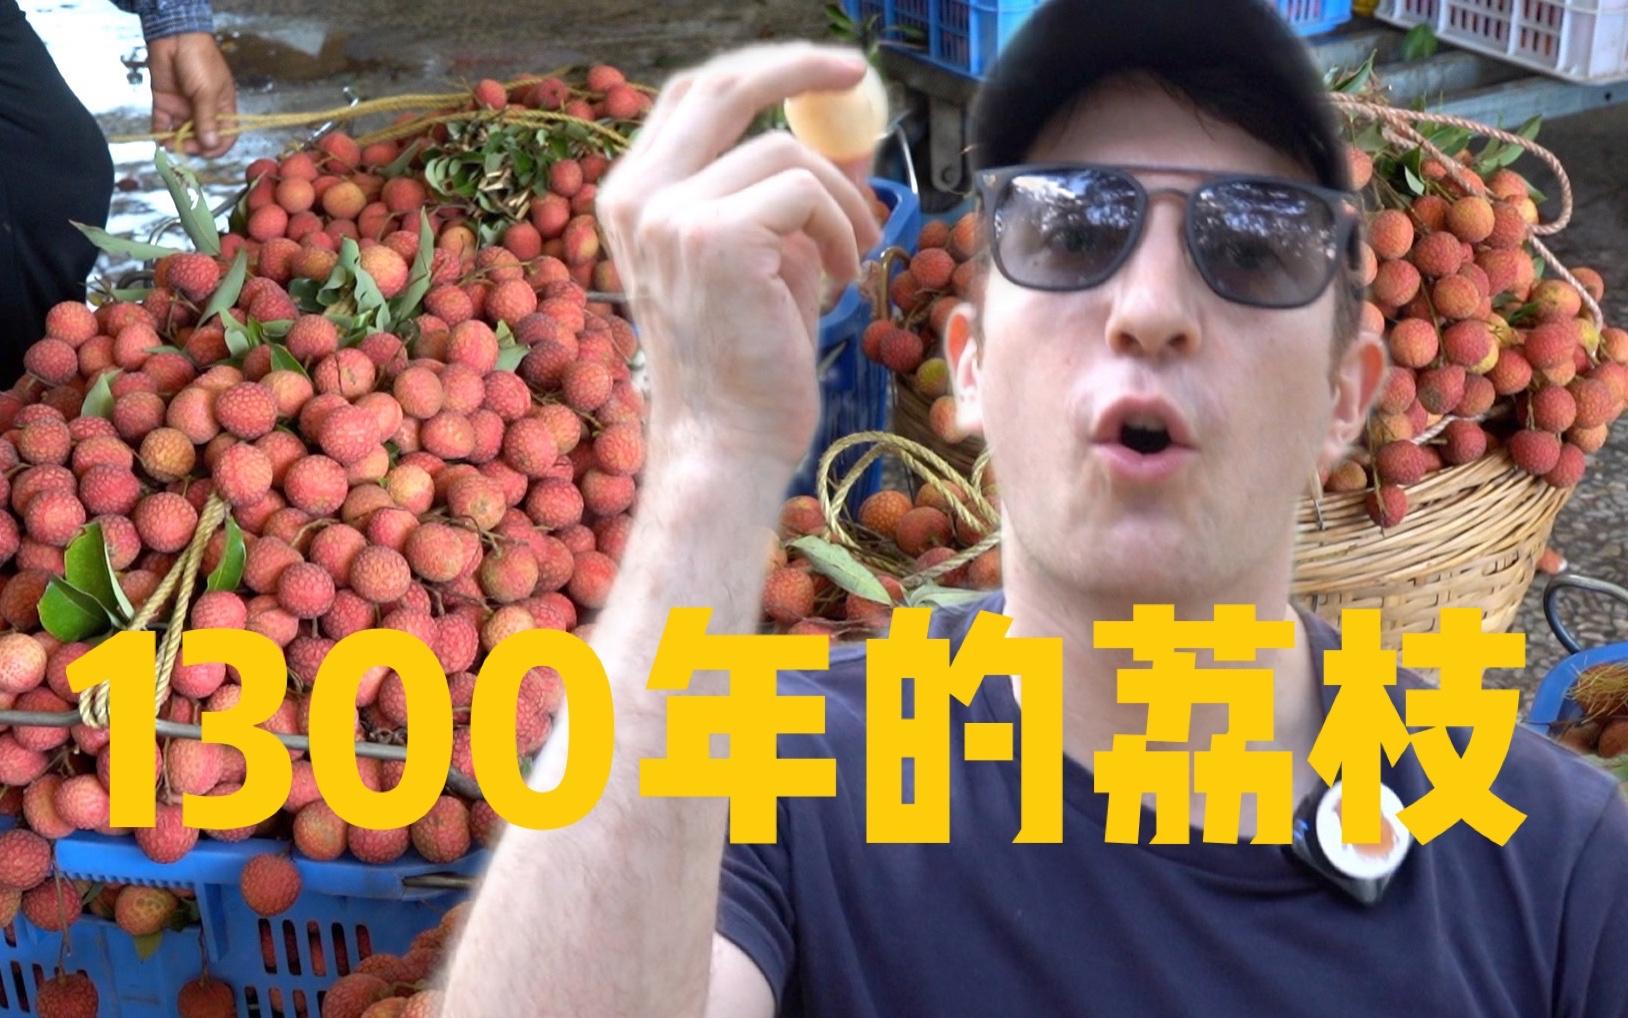 美国小哥试吃1300年广东荔枝,95%美国人可能从没吃过荔枝?